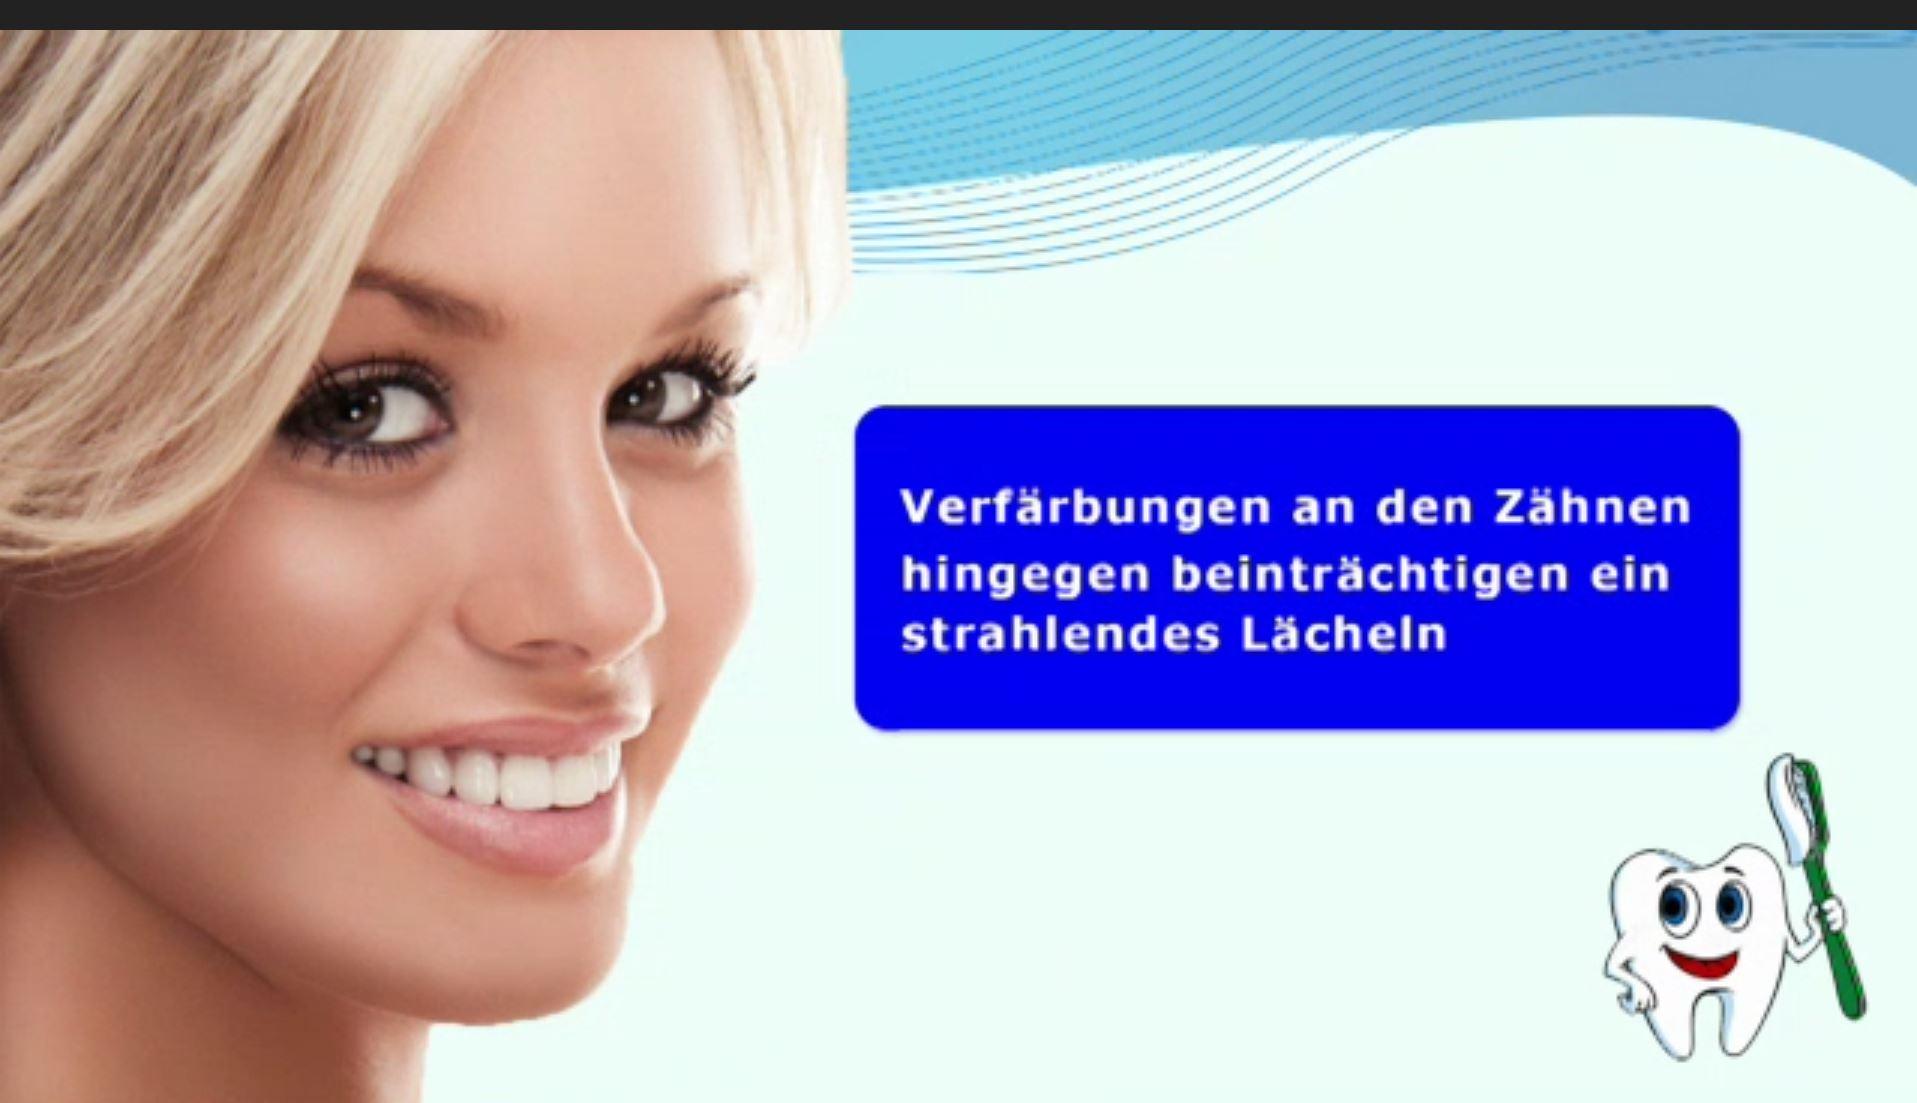 Beaching-Wartezimmer-TV-Digital-Signage-Praxis-Leistung-Zahn